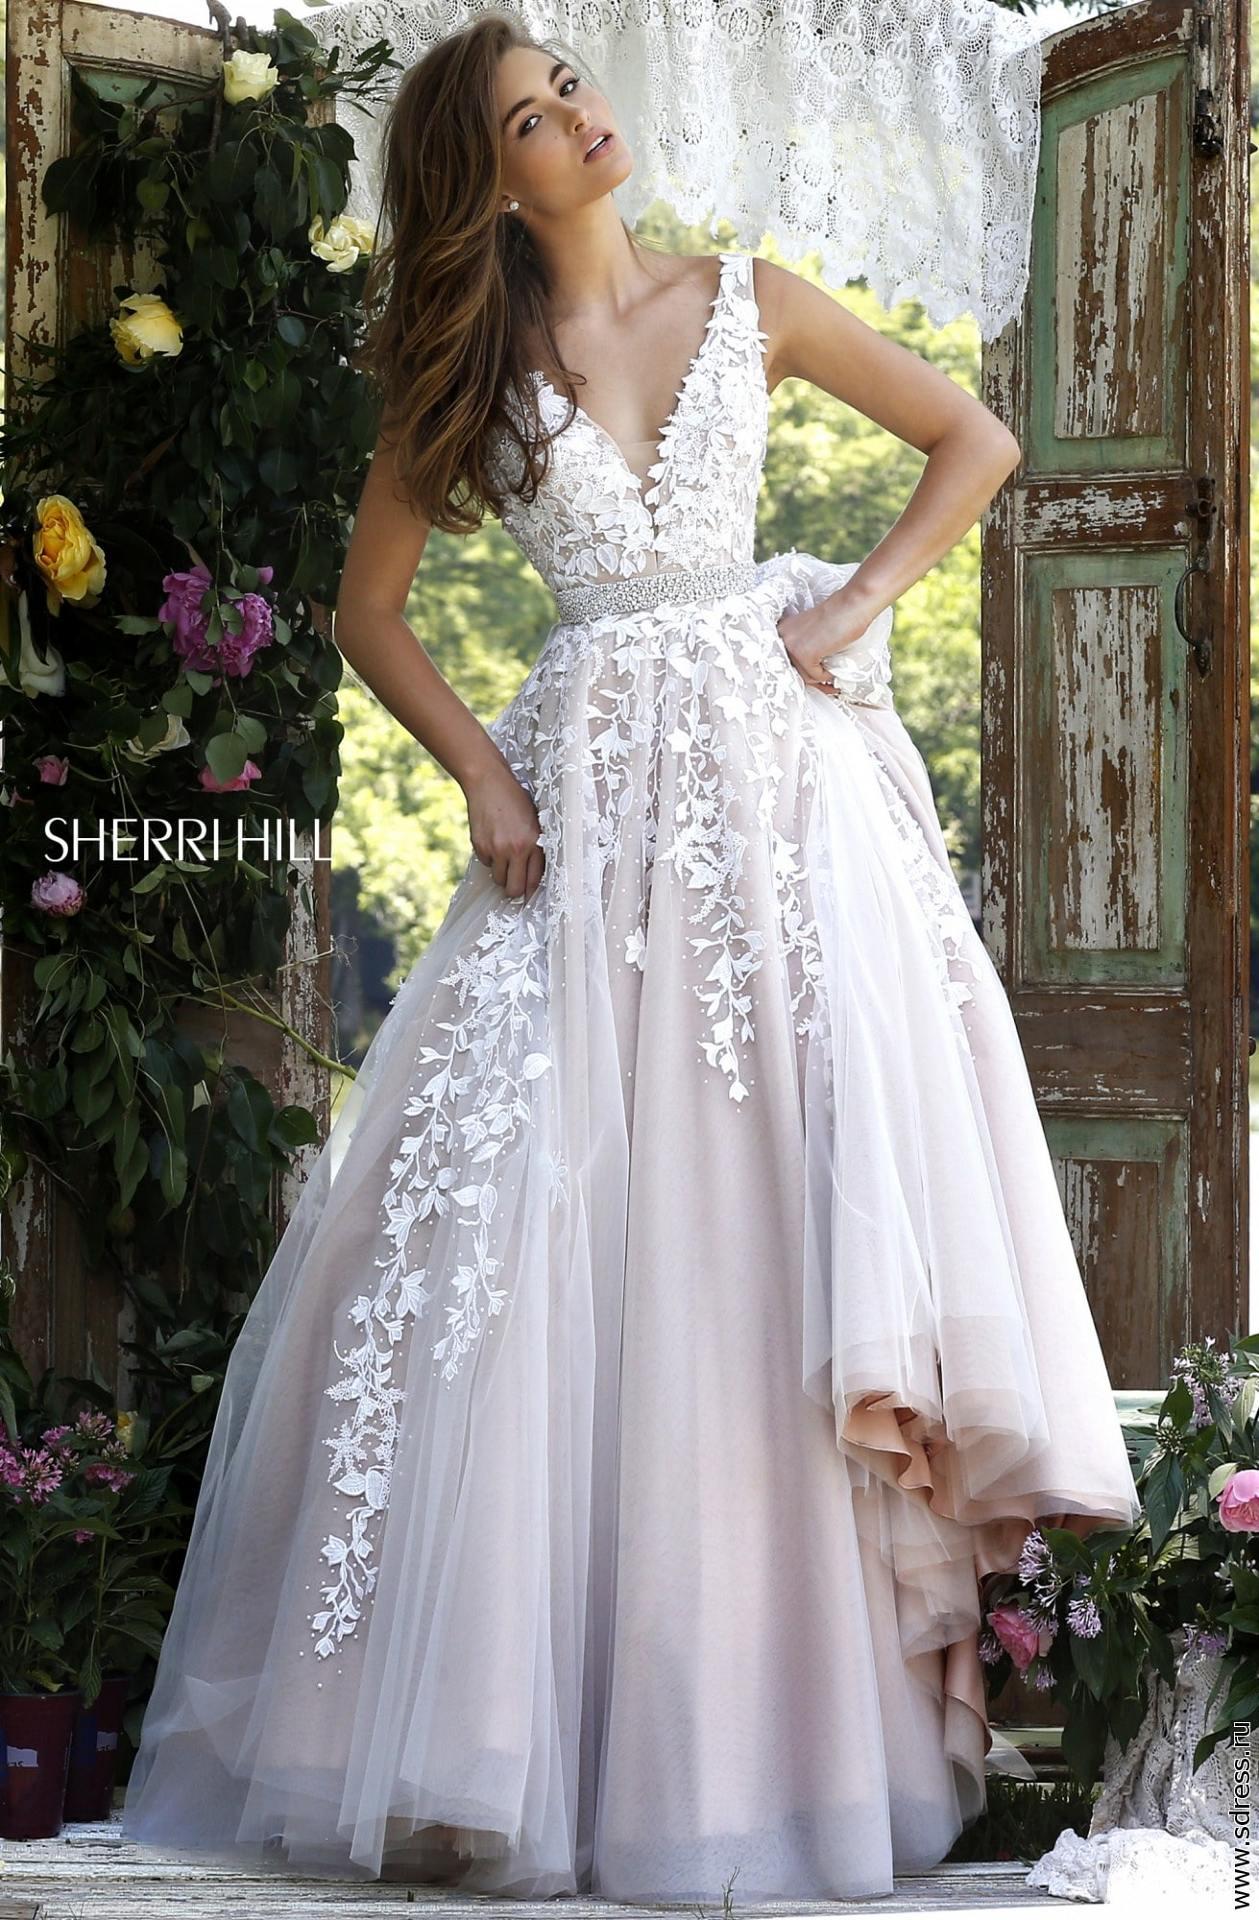 fa960dfe854 Залог - 5000 рублей. 50% для фотосессий. Стоимость на 3 дня - 8 000 р.  Свадебное пышное платье с кристаллами